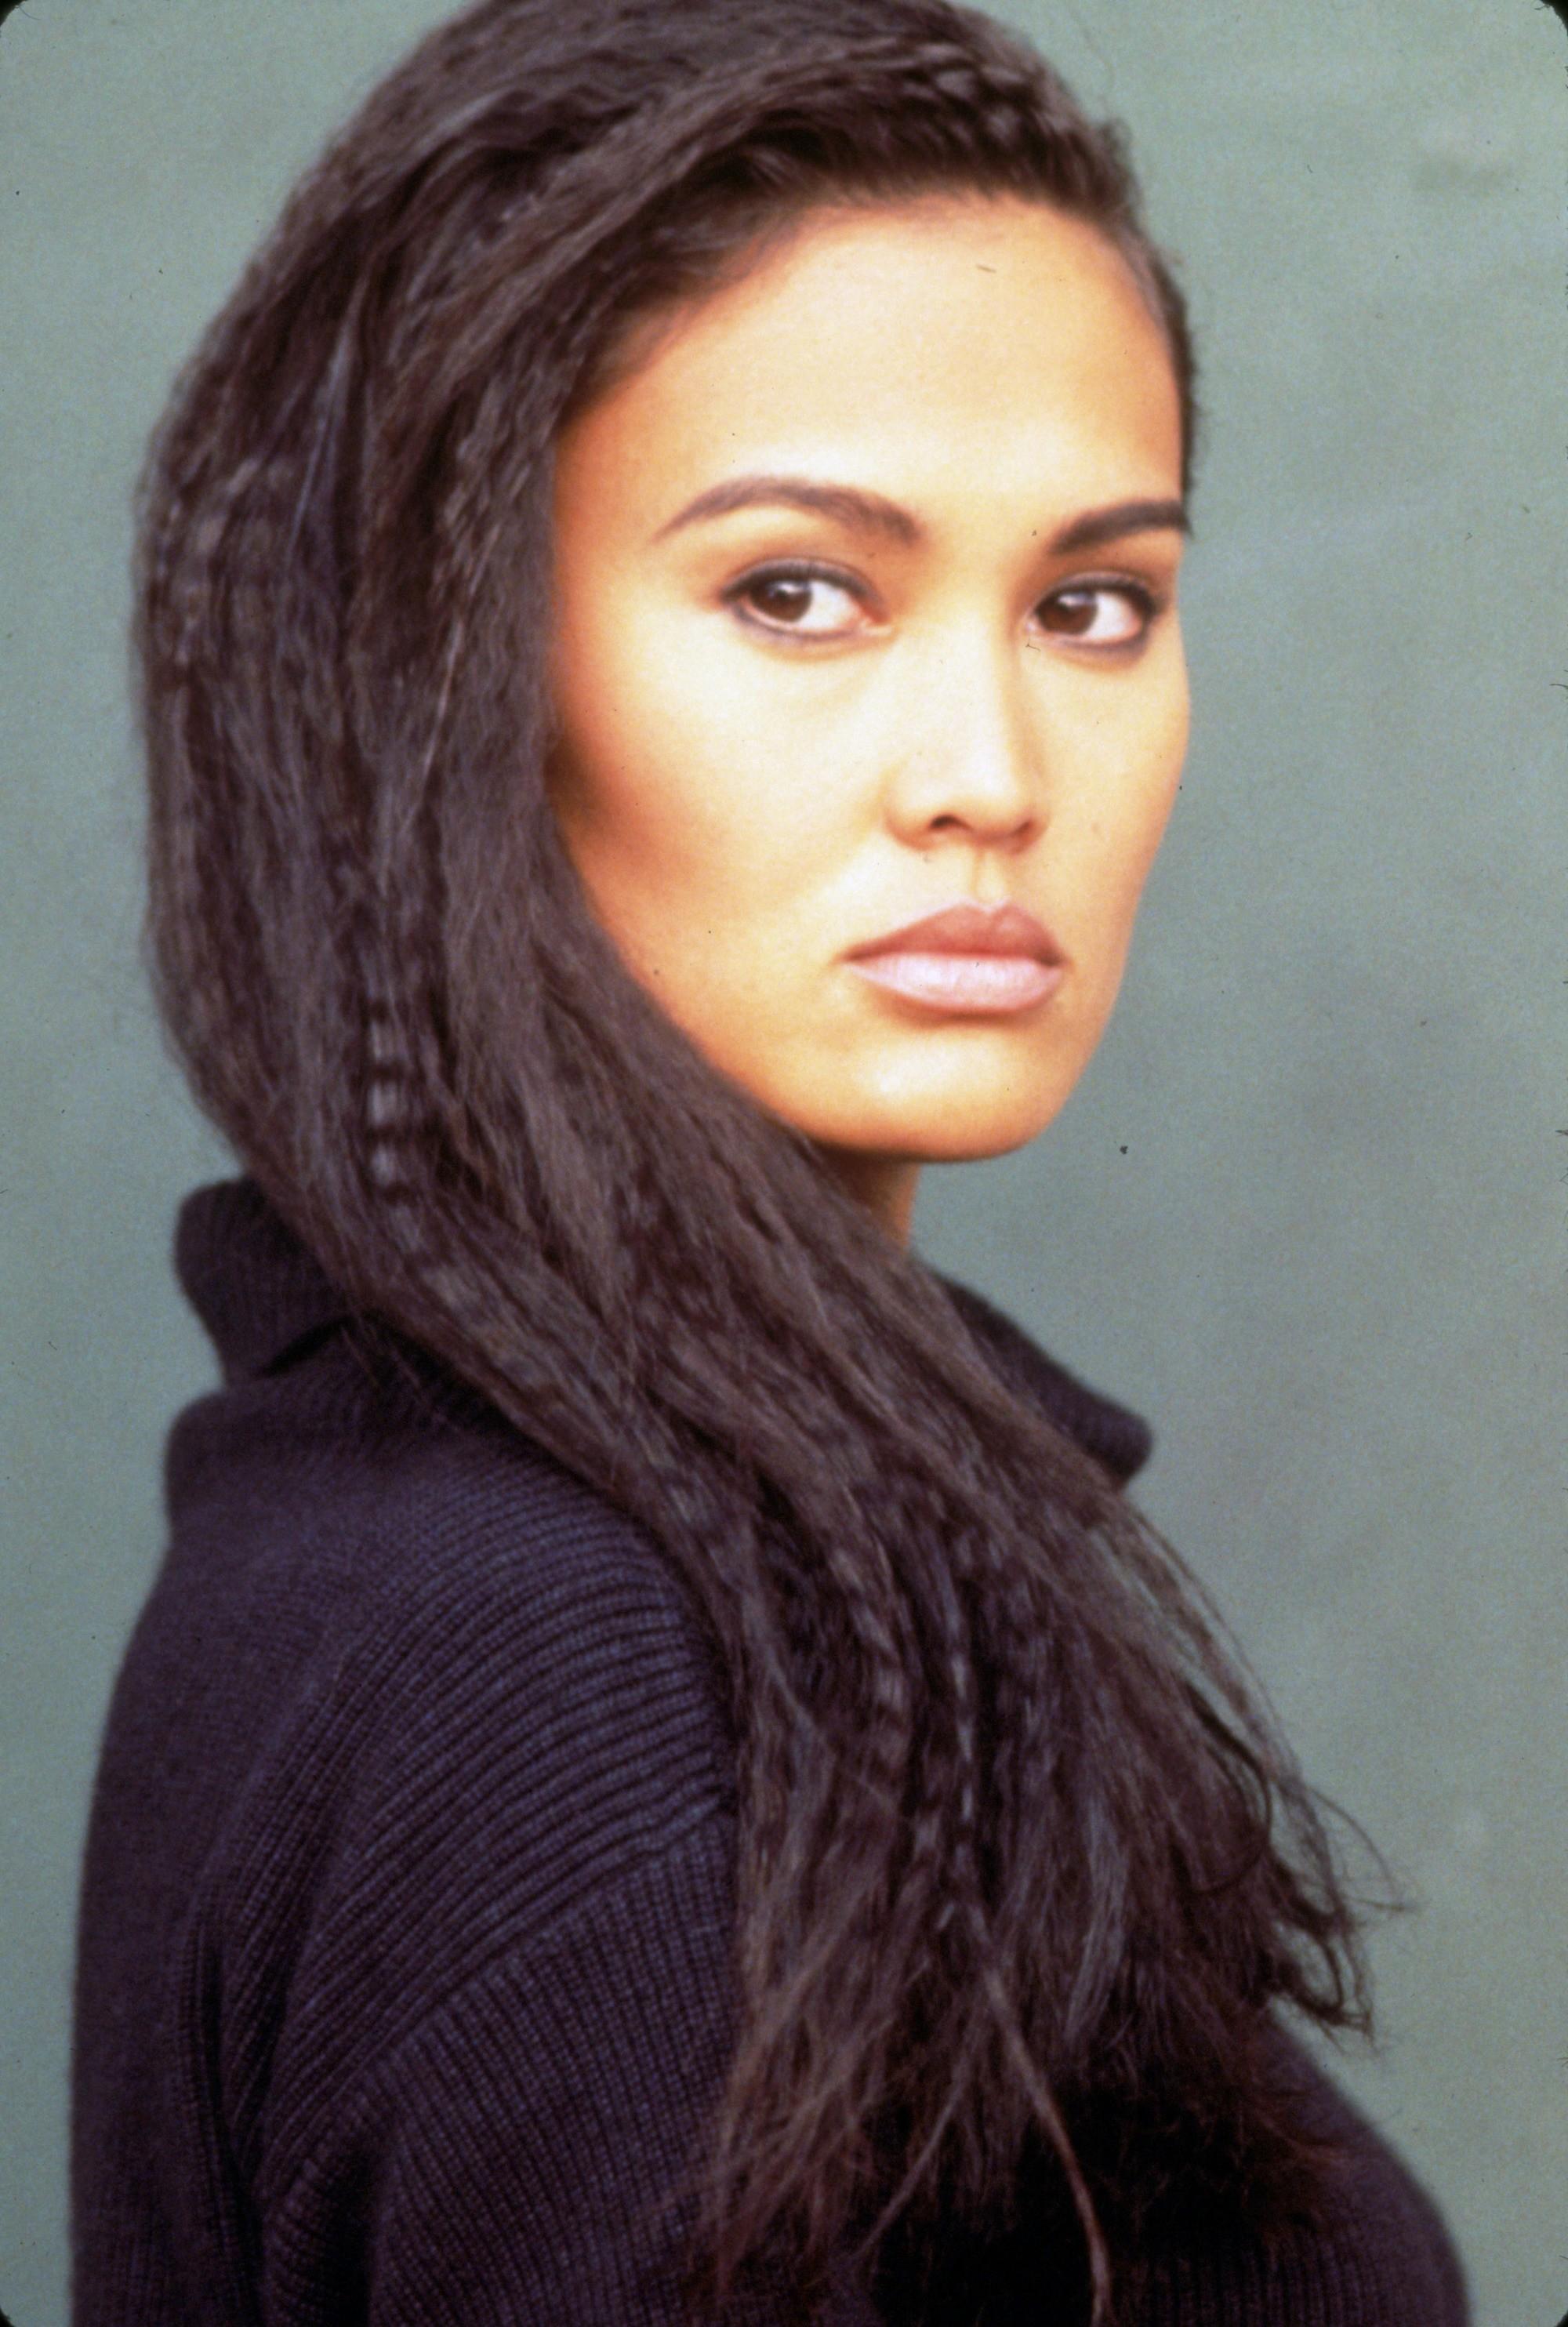 Tia Carrere avec de longs cheveux frisés dans les années 90